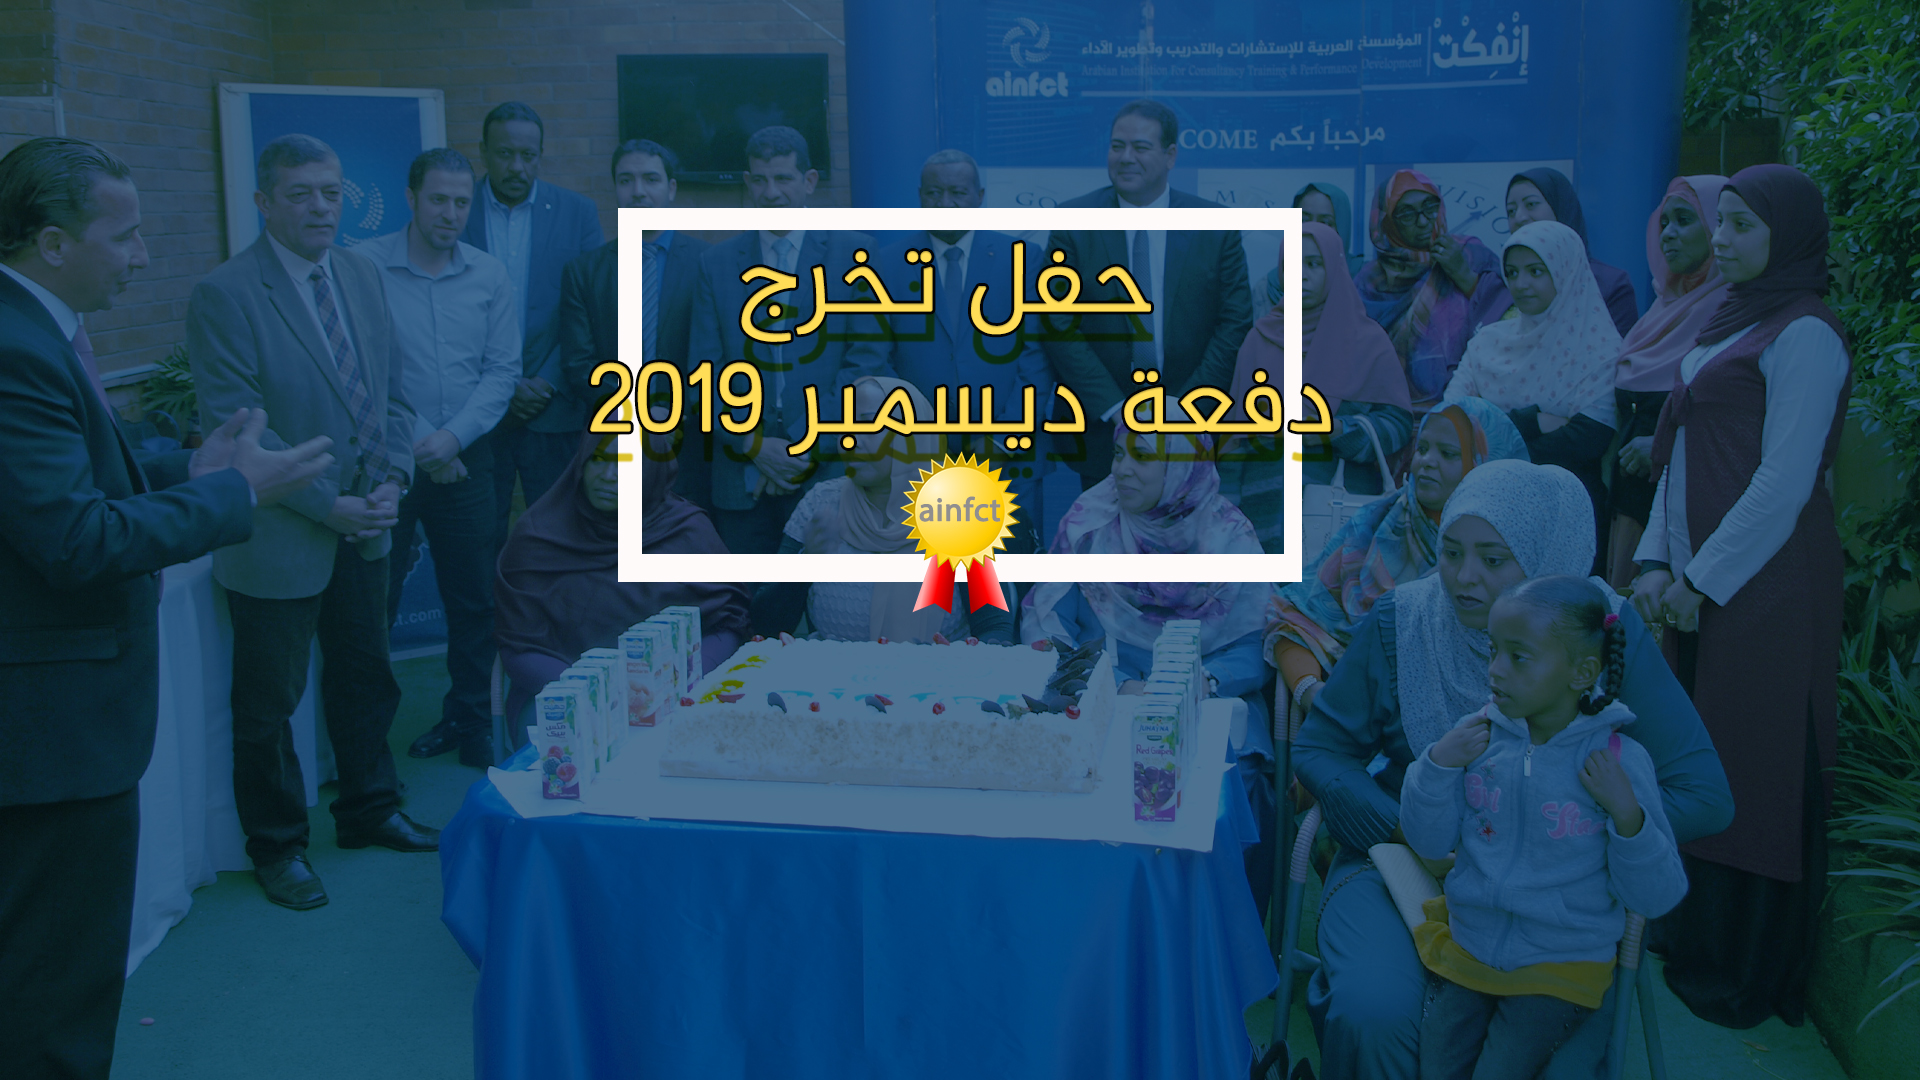 حفل تخرج دفعة 2019